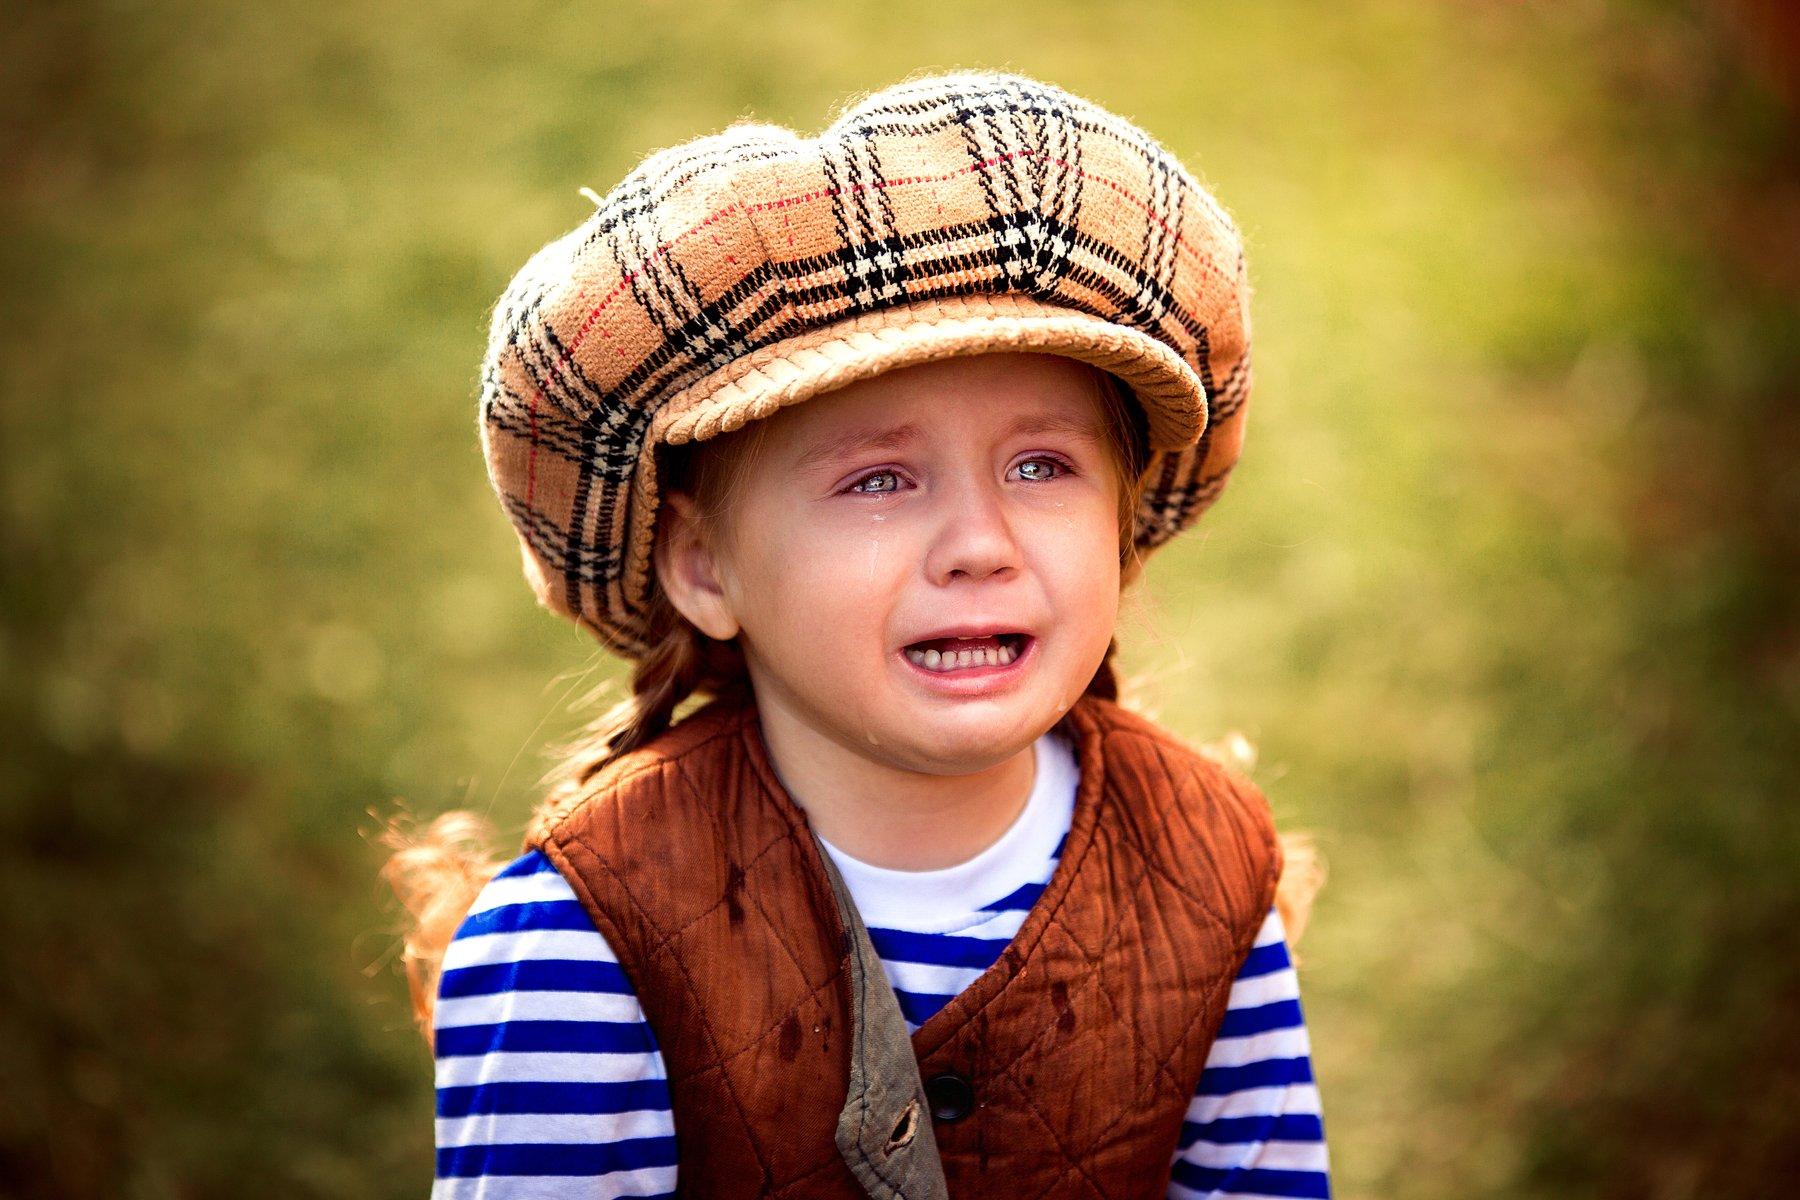 малыш, детский портрет, портрет, взгляд, слезы, ребенок плачет, эмоции, эмоциональная, на природе, , Сухарь Александр